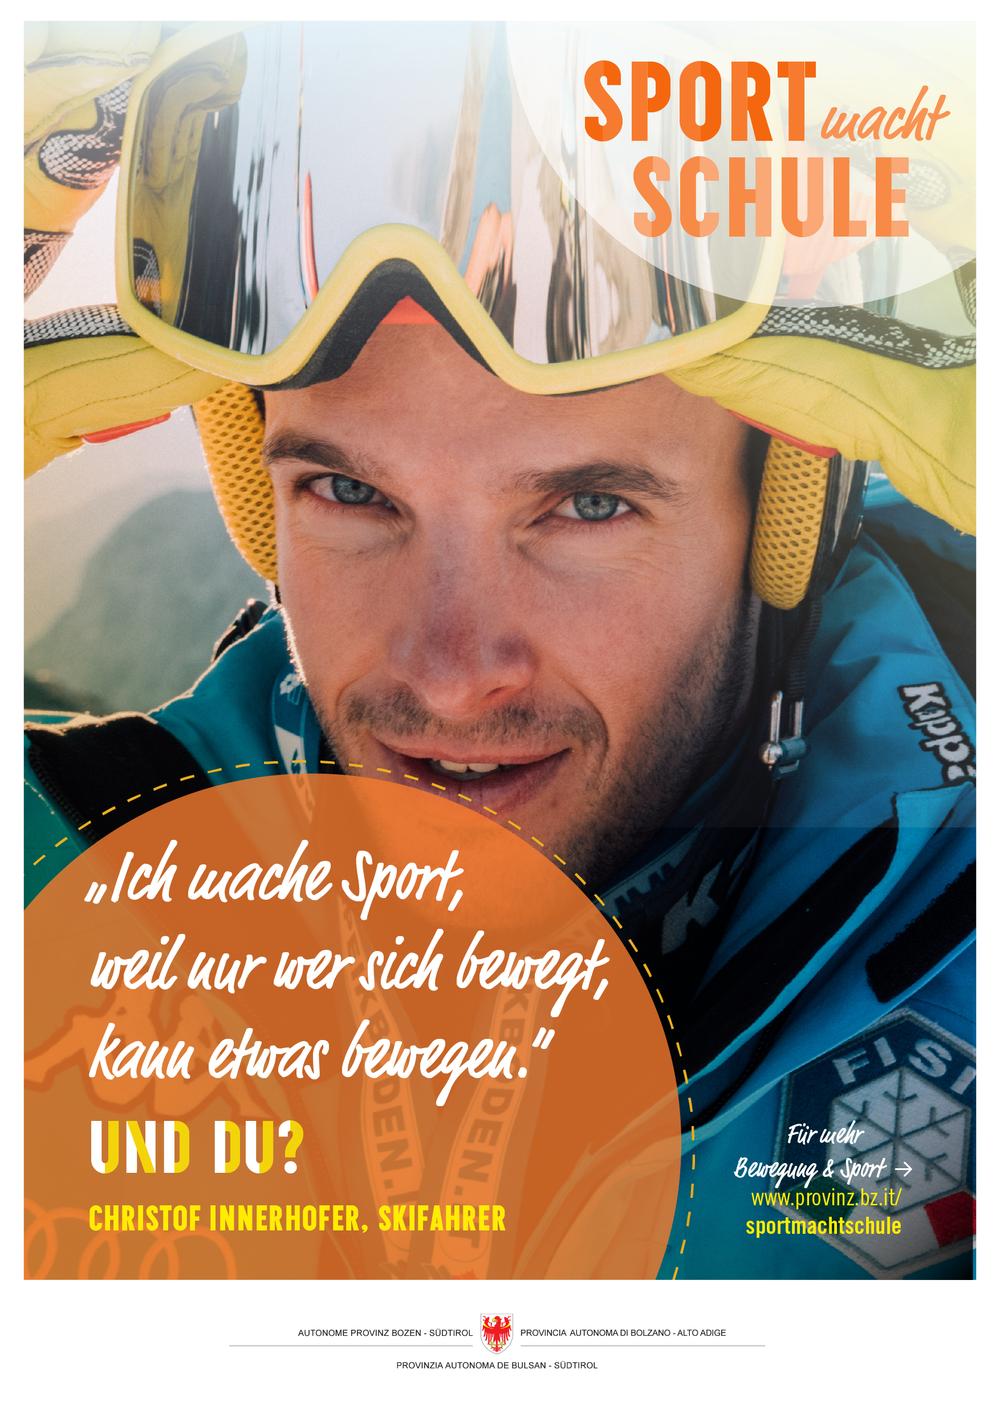 poster2_sportler-01.png